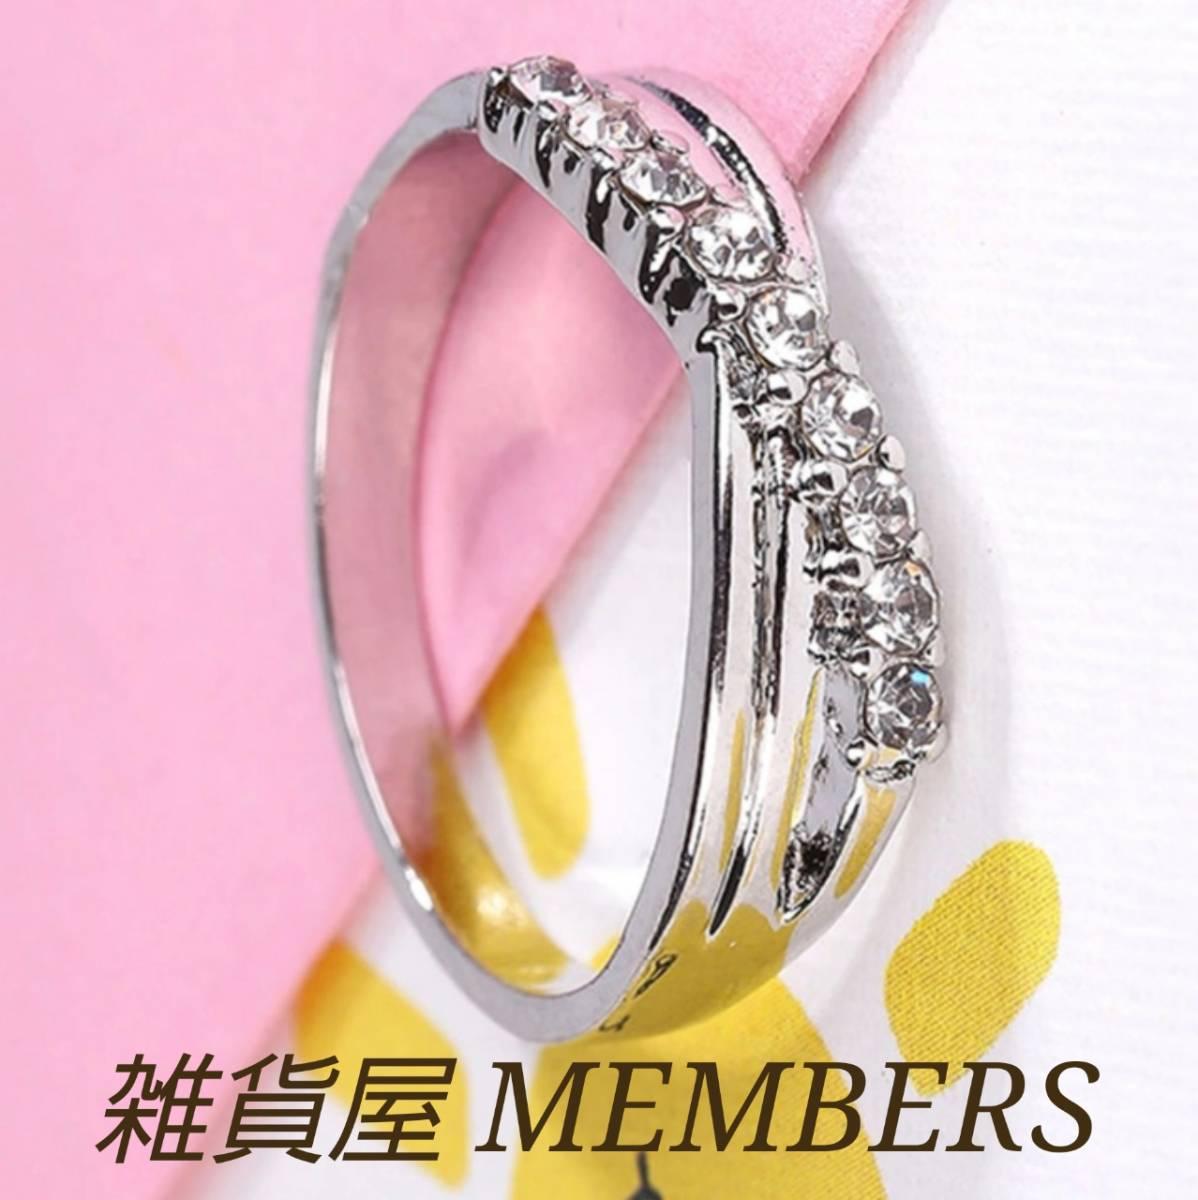 送料無料15号クロムシルバークリアスーパーCZダイヤモンドデザイナーズジュエリーインフィニティリング指輪値下げ残りわずか_画像2